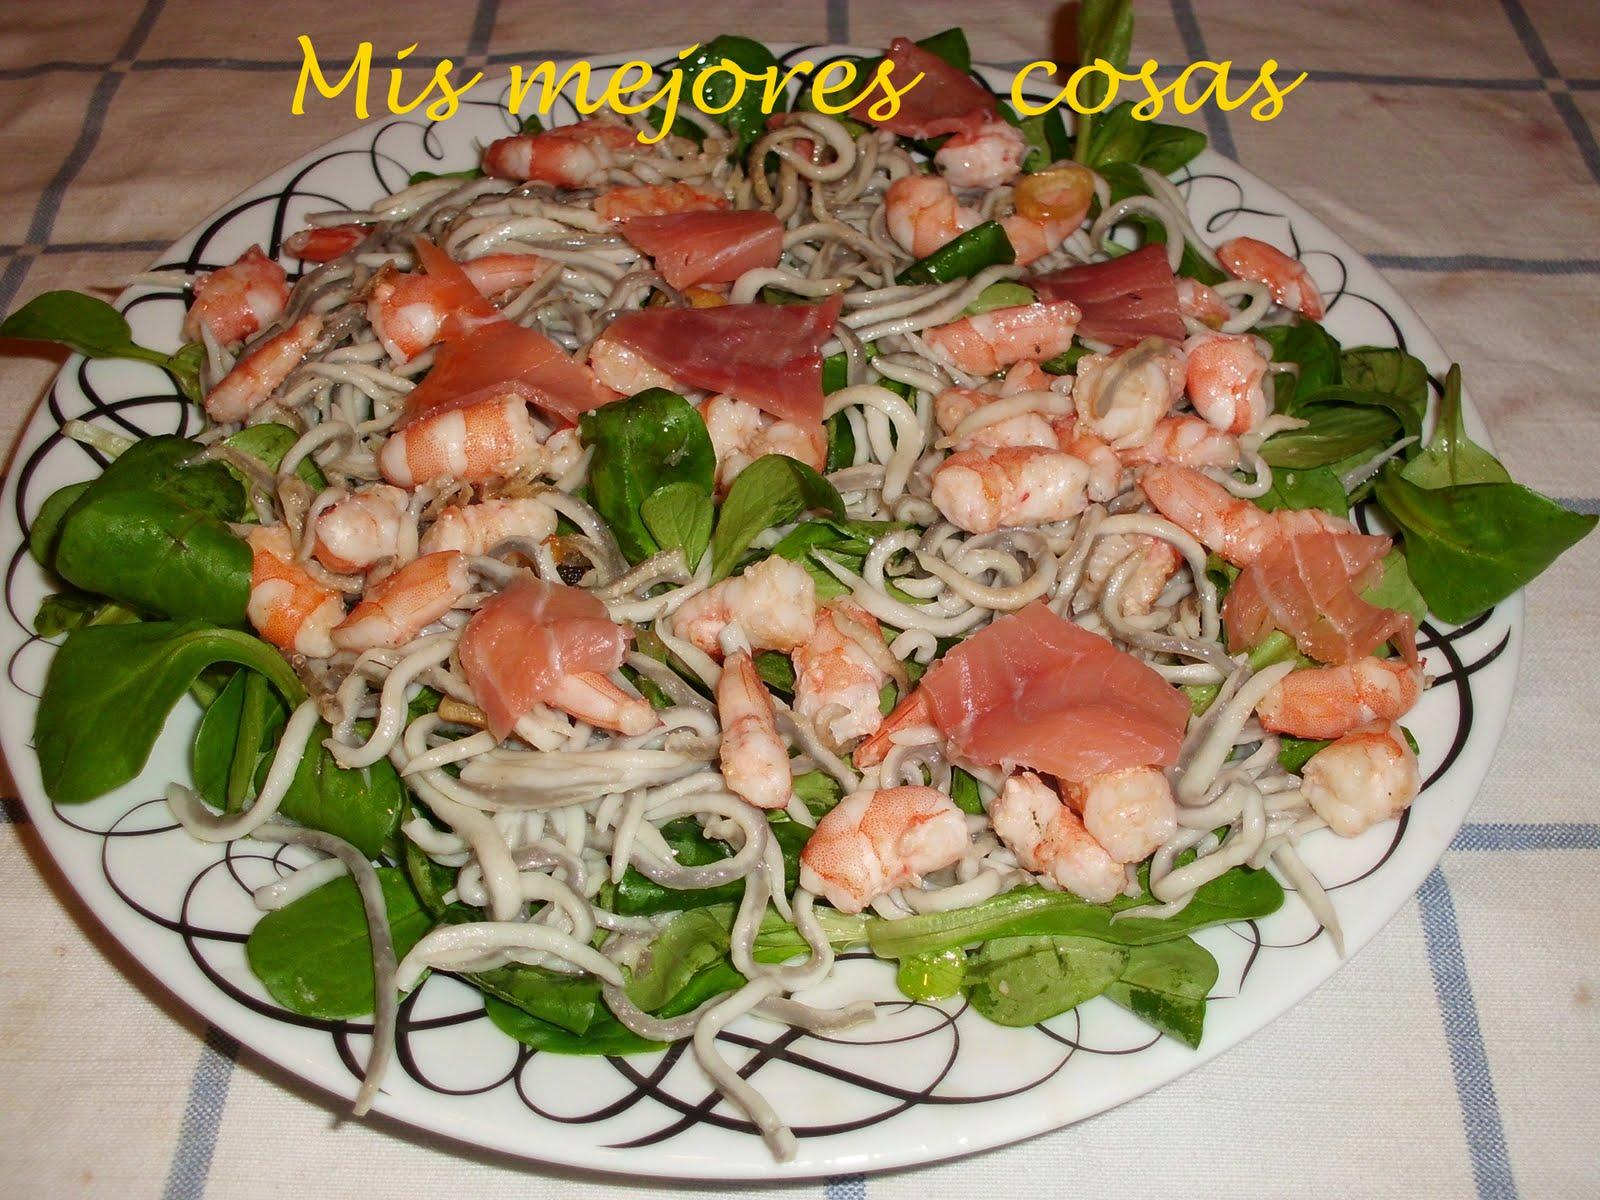 Mis mejores cosas ensalada de canonigos gulas langostinos - Ensaladas con canonigos ...